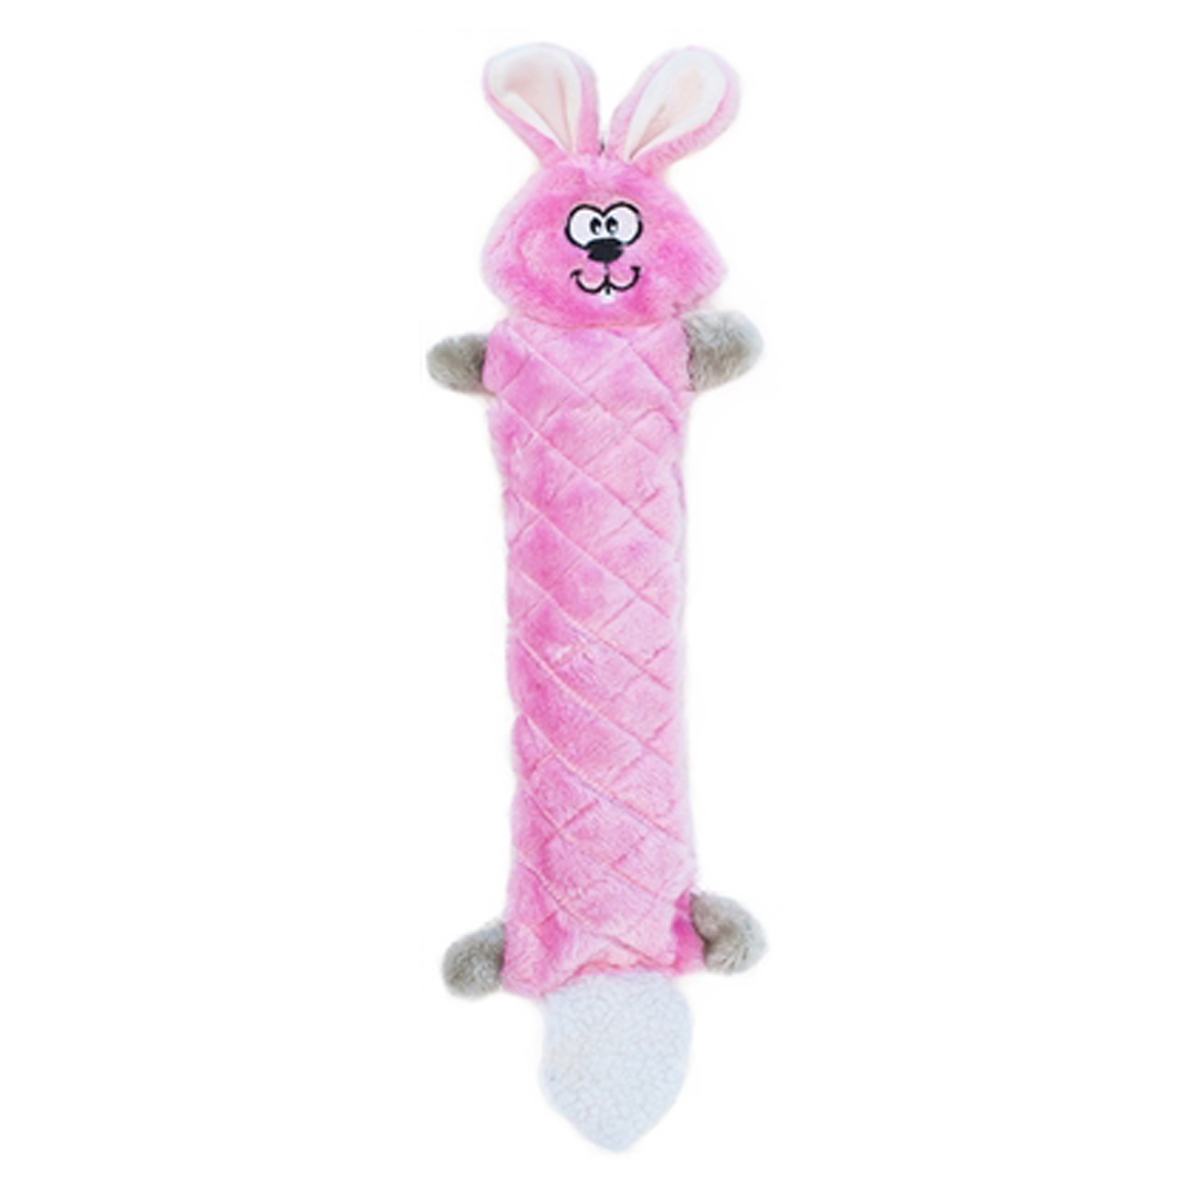 Jigglerz Dog Toy - Bunny